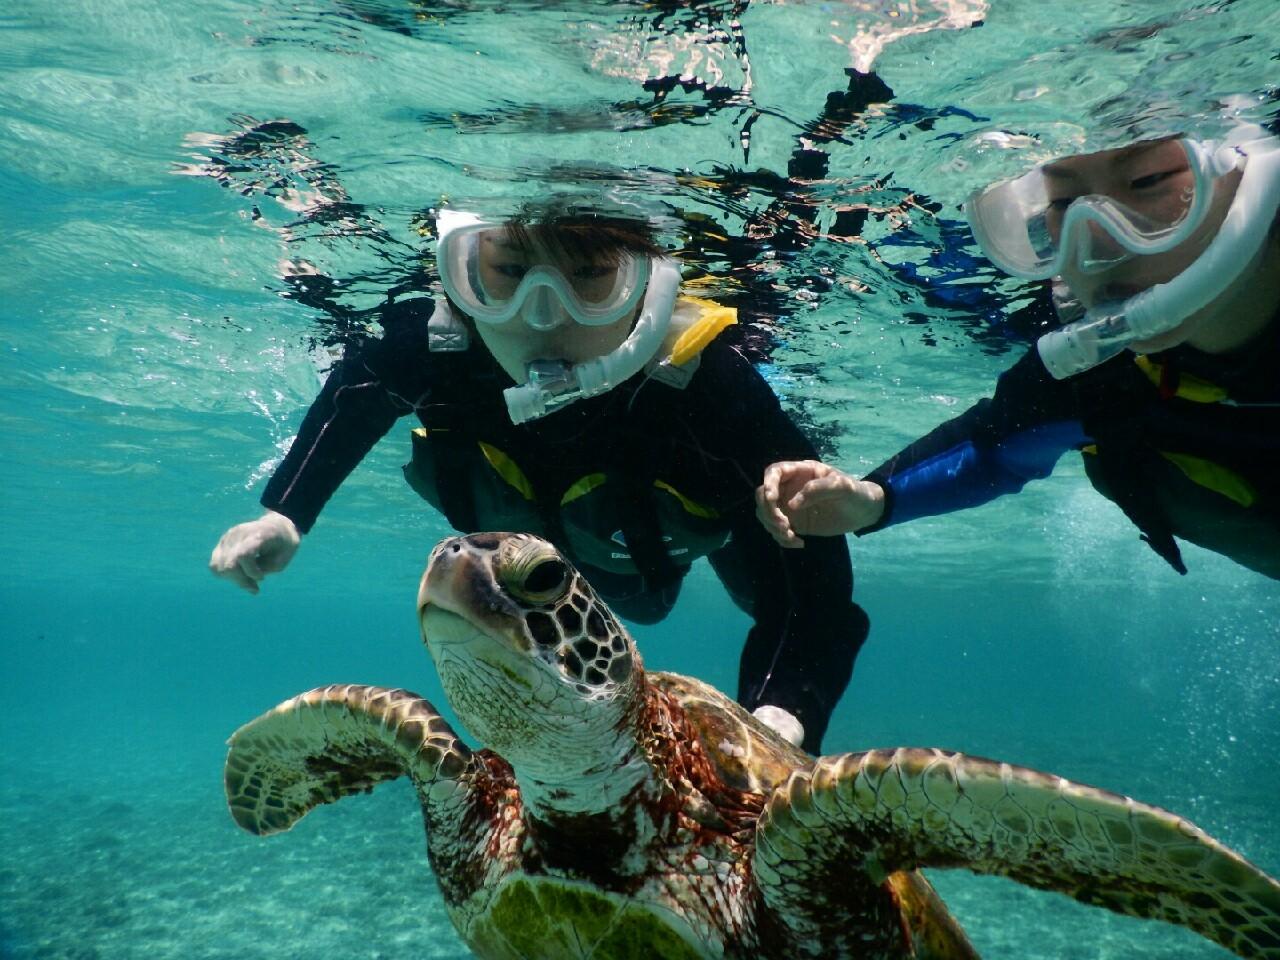 ウミガメに近づくシュノーケリングの喜び